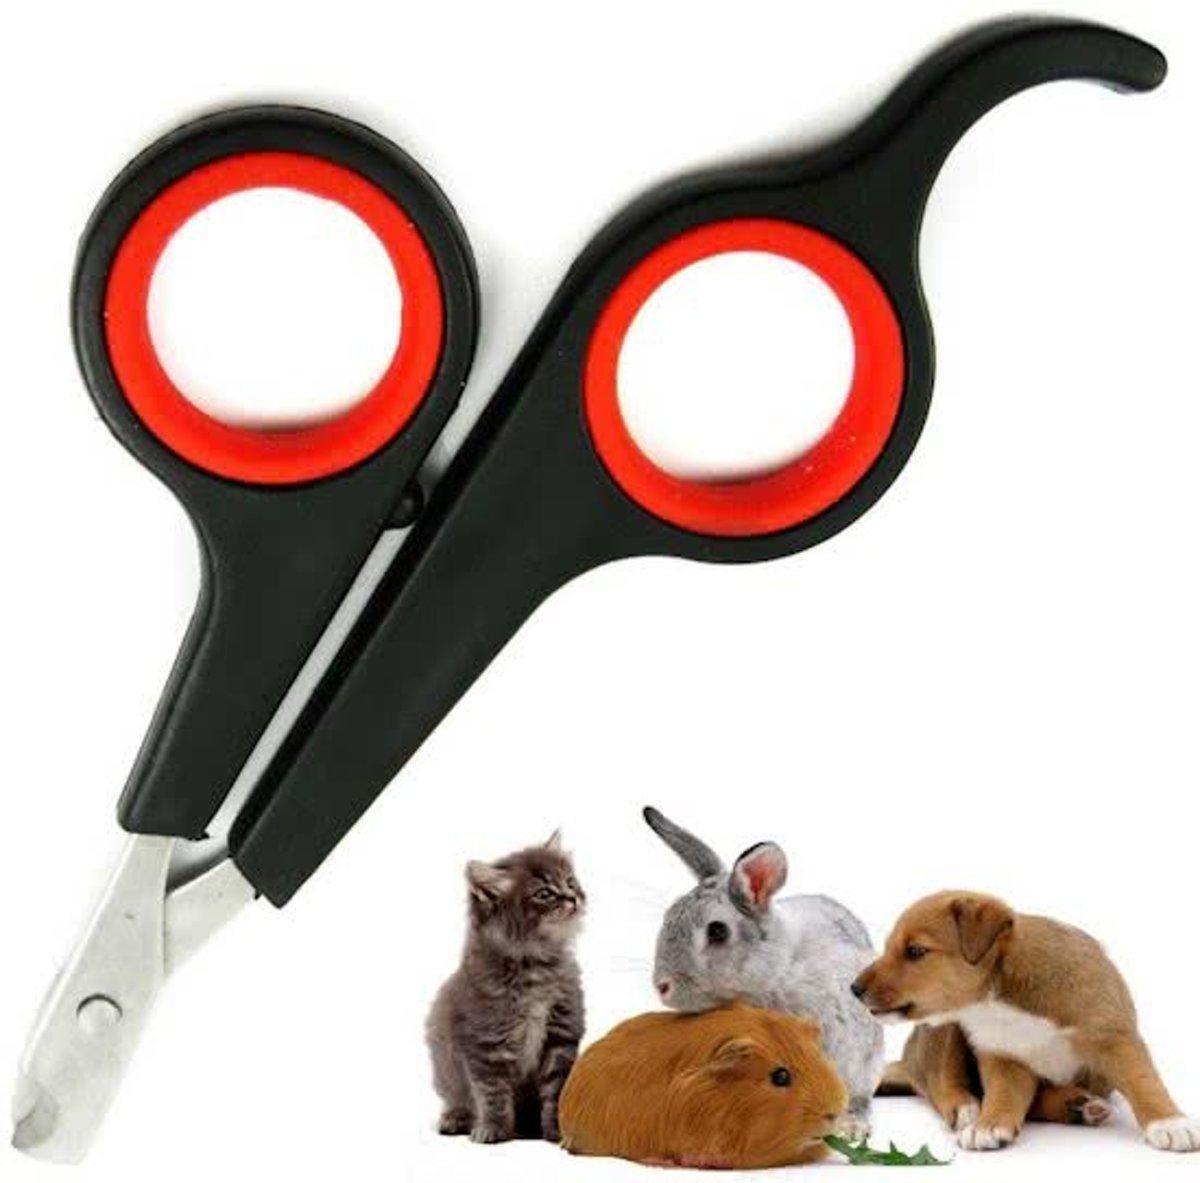 Dieren Nagelschaar - Nagelschaartje - Nagelknipper - Geschikt voor kleine huisdieren Hond Kat Konijn Cavia Vogel